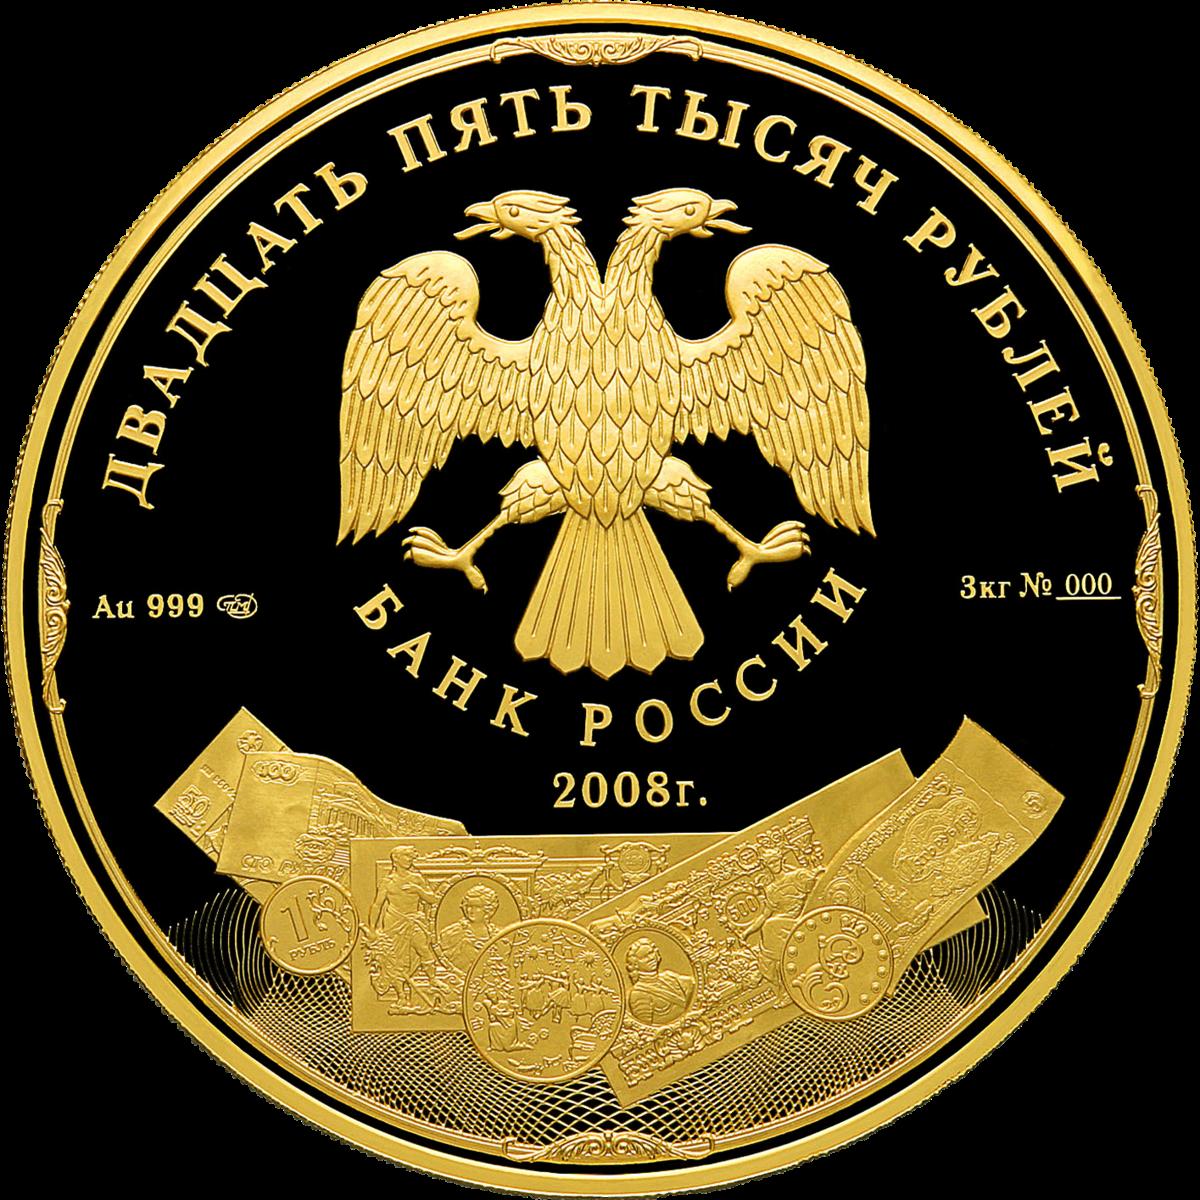 История монет россии википедия стоимость двадцать пять рублей беларусь 2007 мальчик и девочка